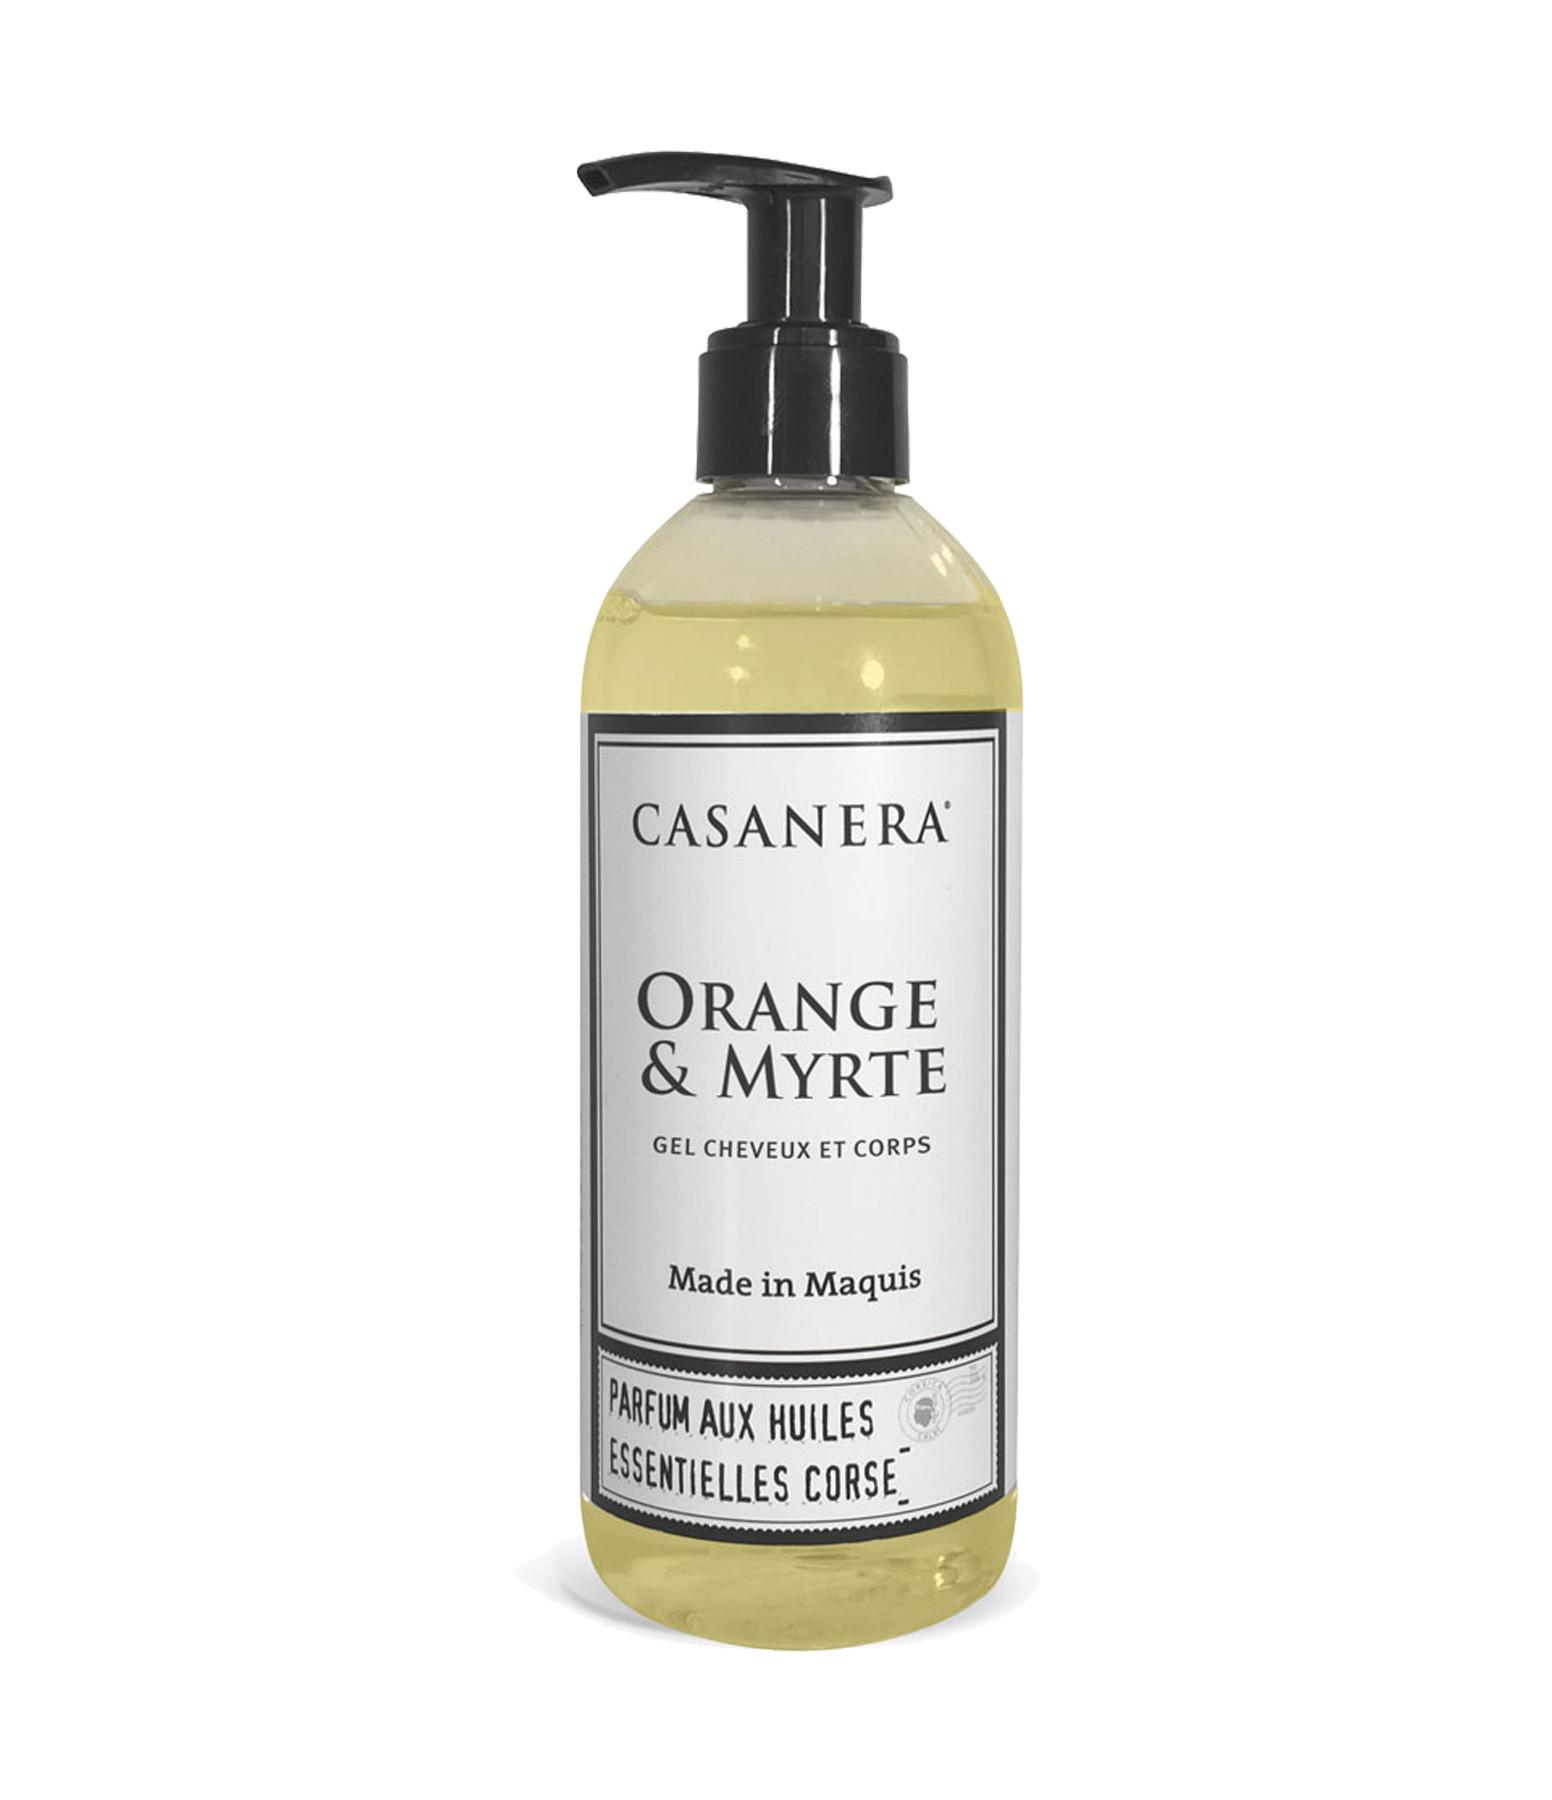 CASANERA - Gel Cheveux et Corps Orange Myrte 300ml